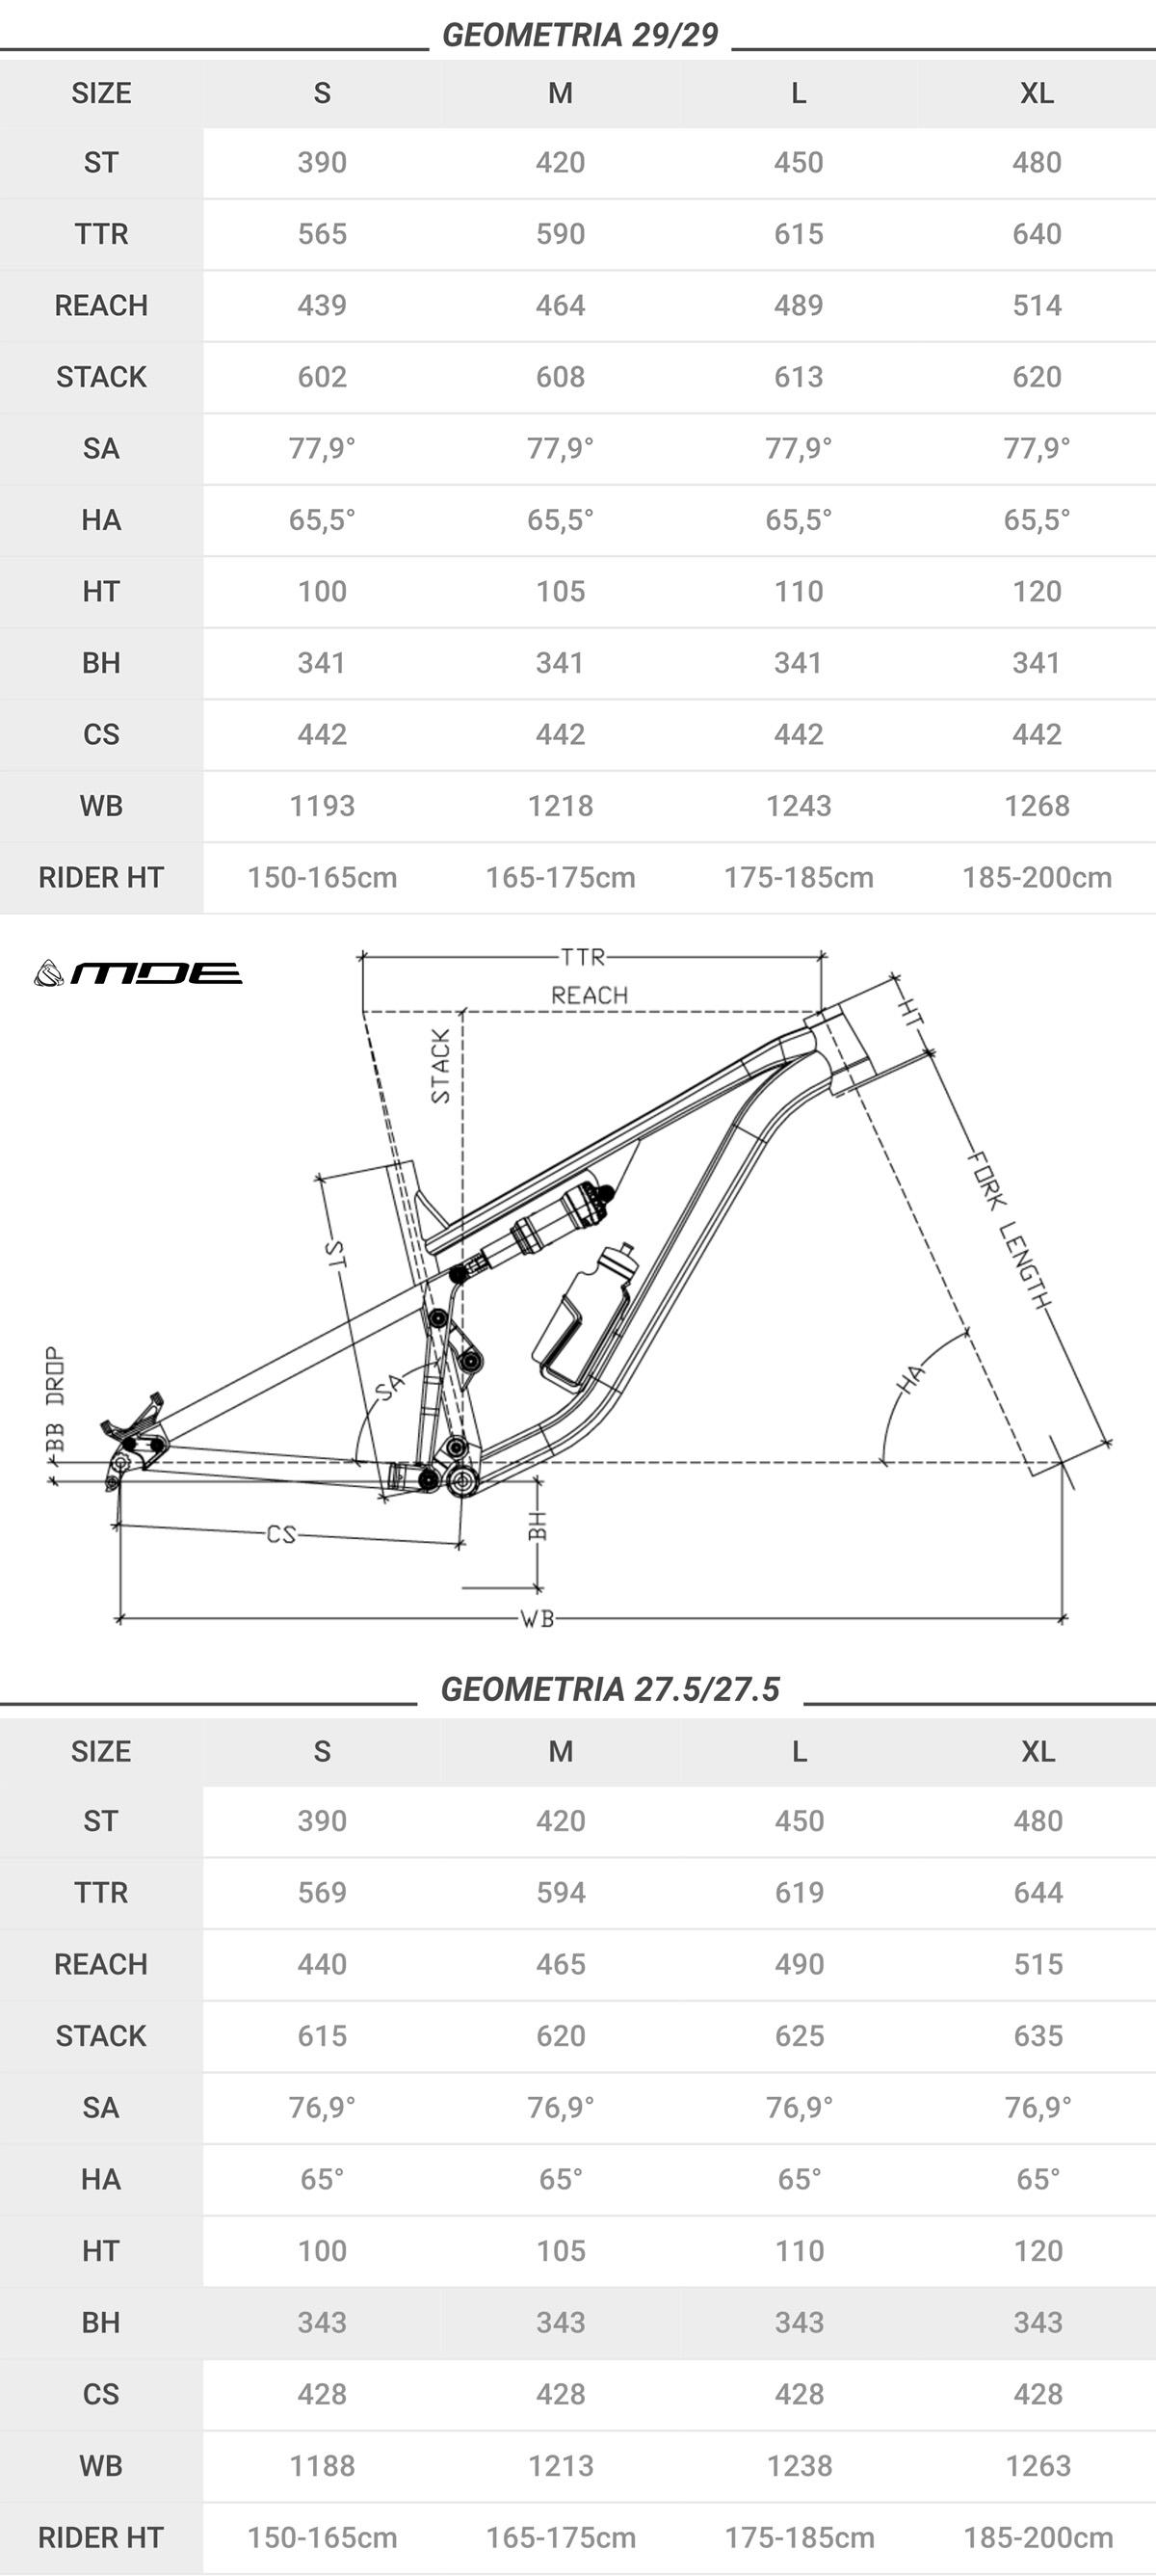 Le geometrie del telaio della nuova mtb MDE Carve 2021